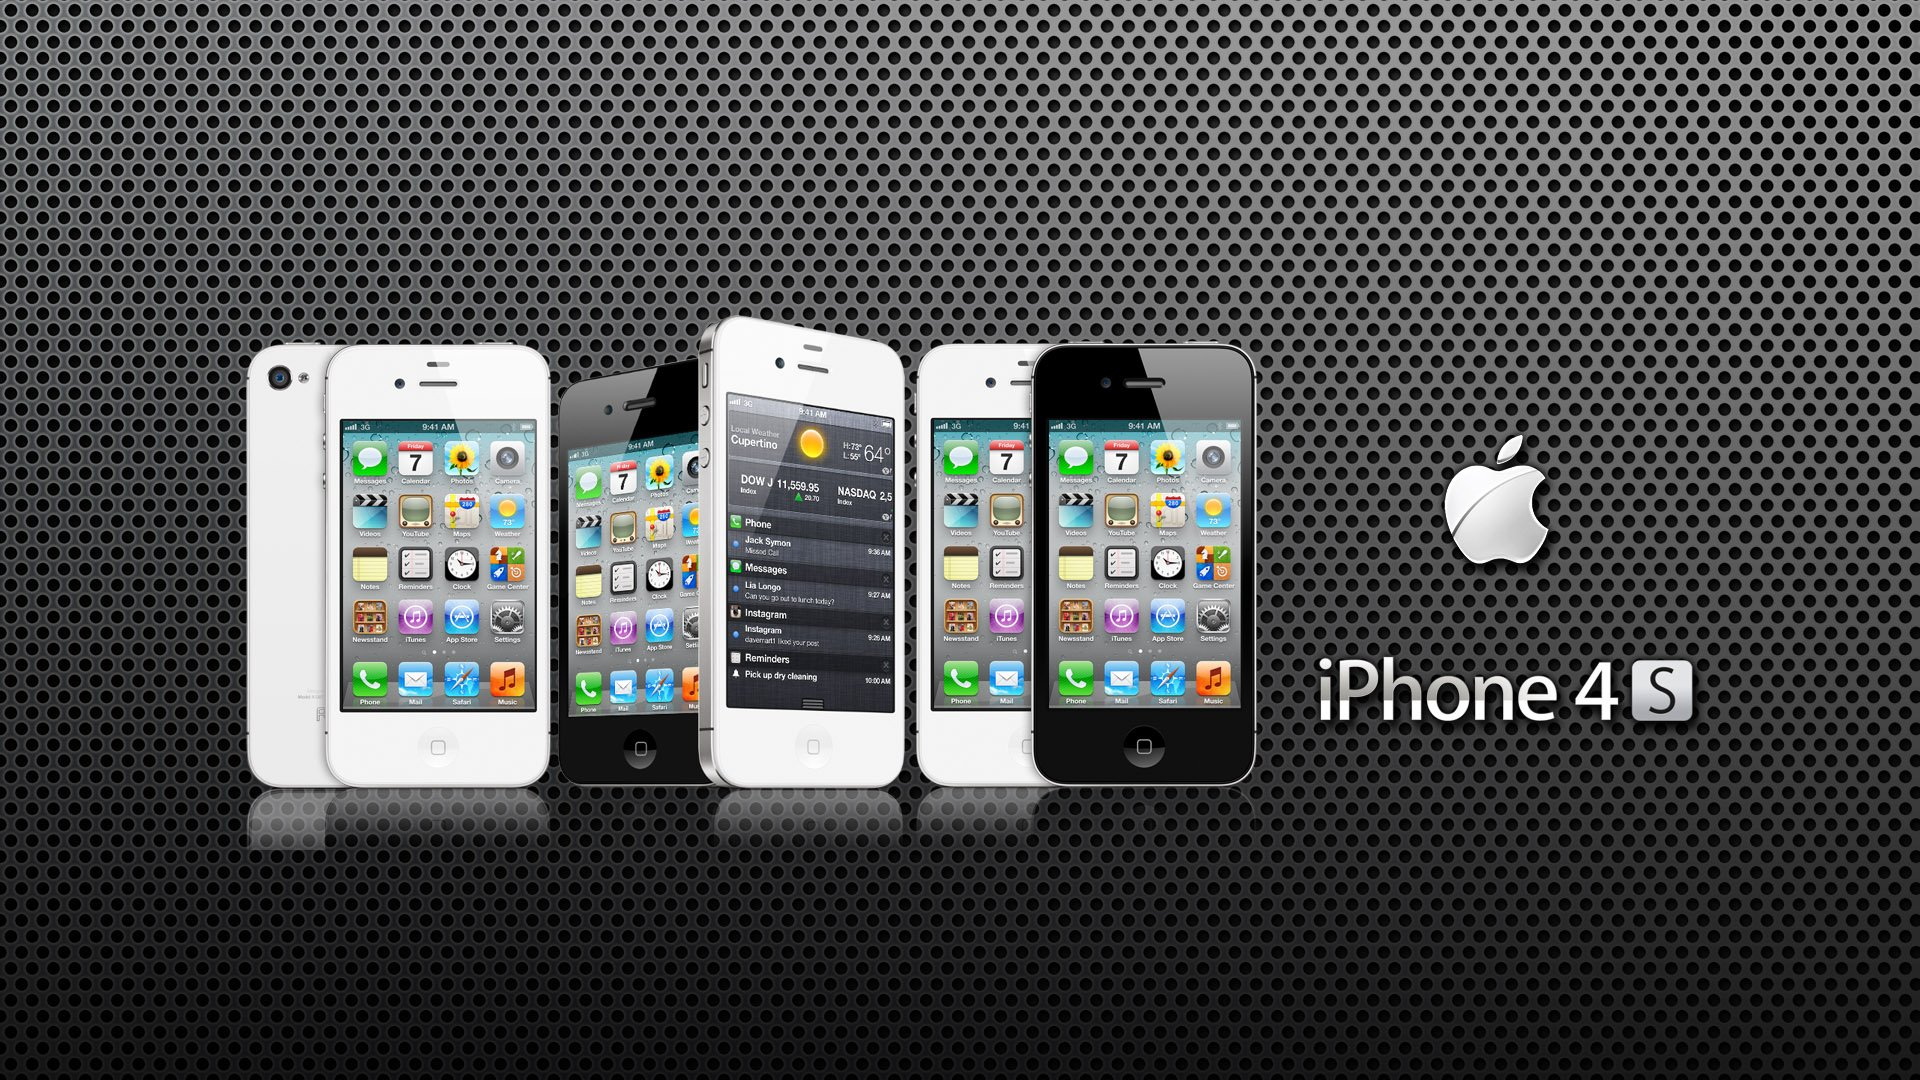 iphone 4s apple logo dark 1920x1080